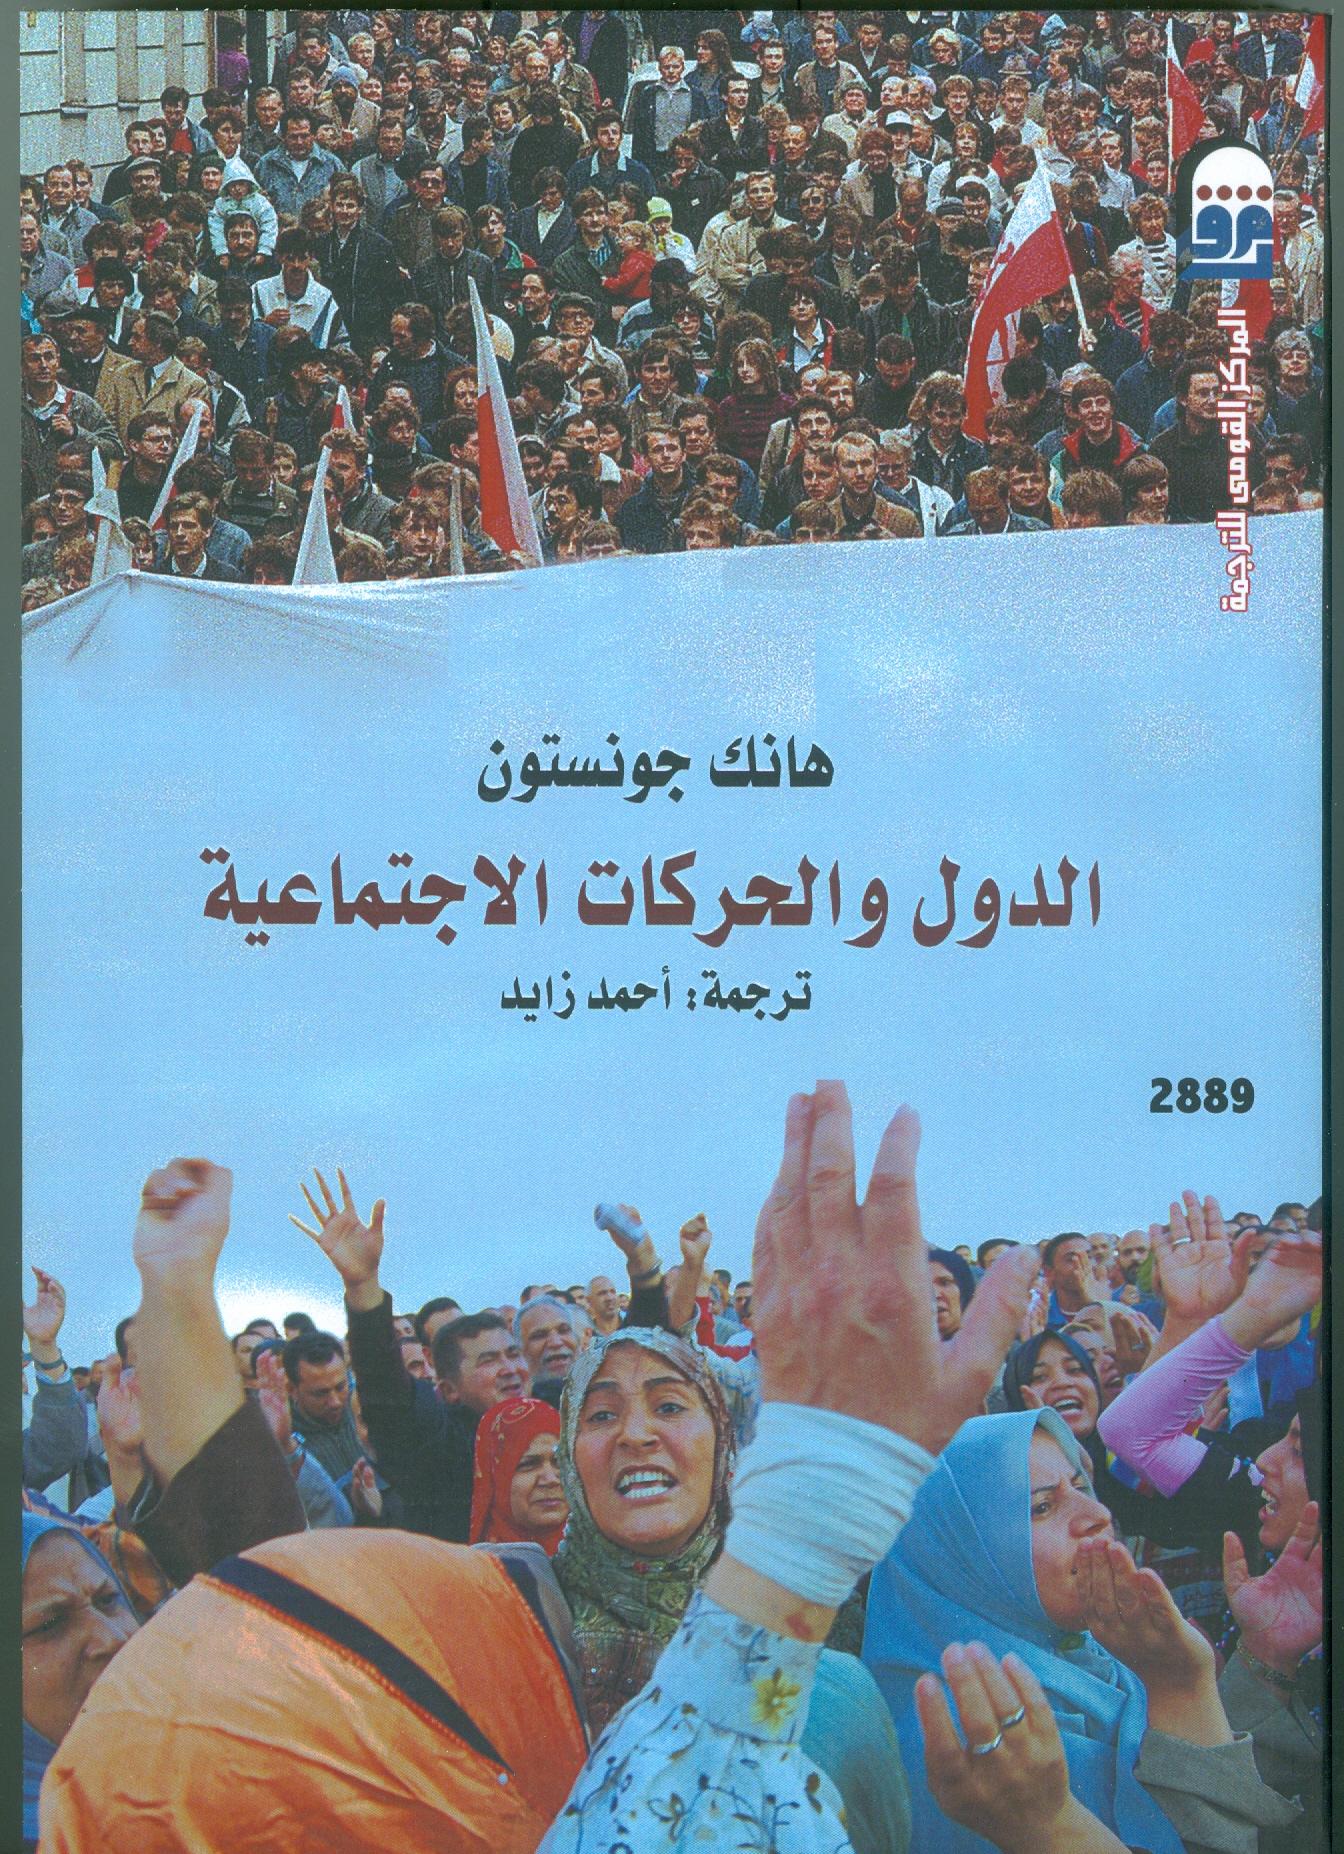 كتاب الدول والحركات الاجتماعية